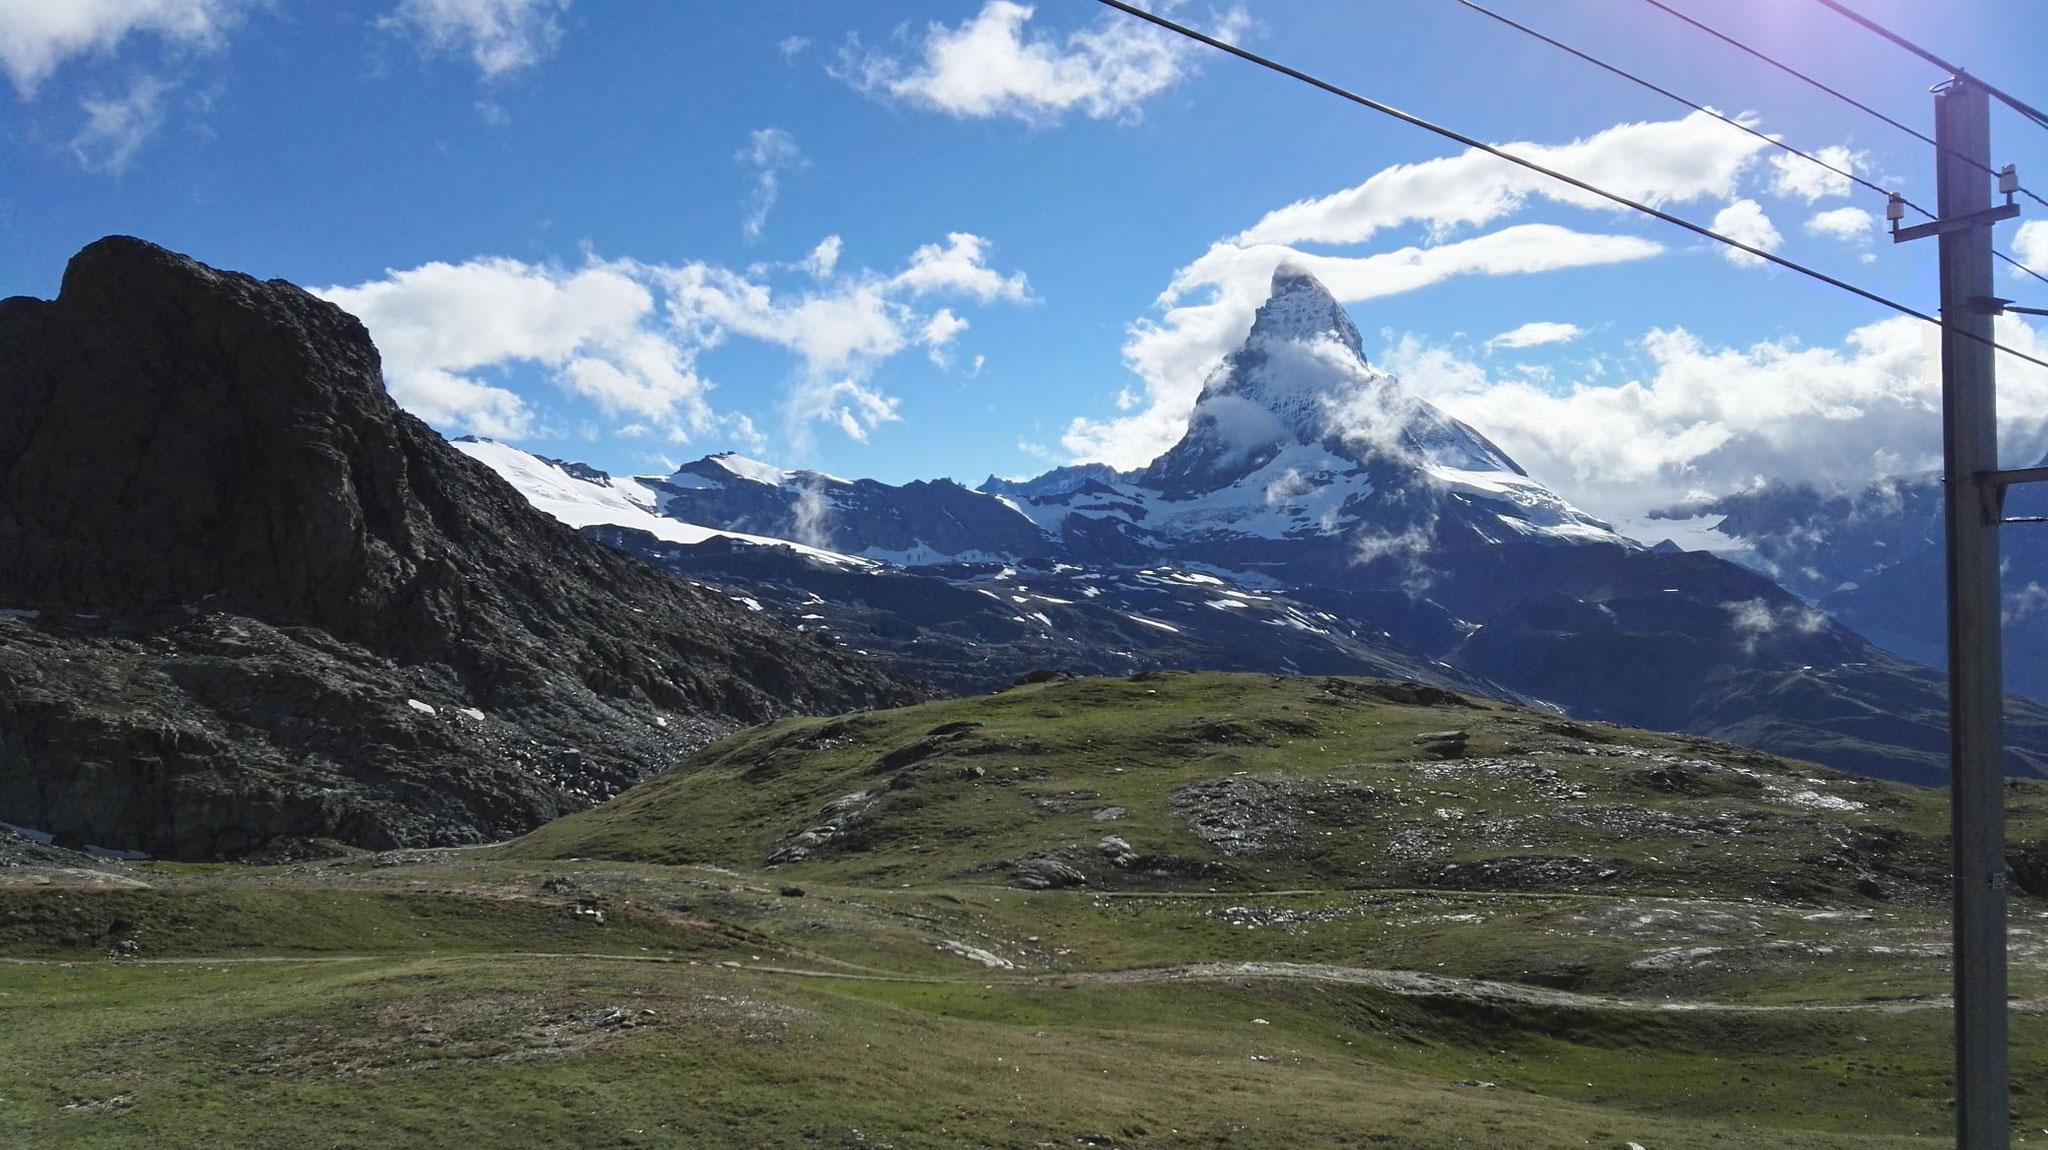 Das Matterhorn (Der Schönste Berg der Welt)